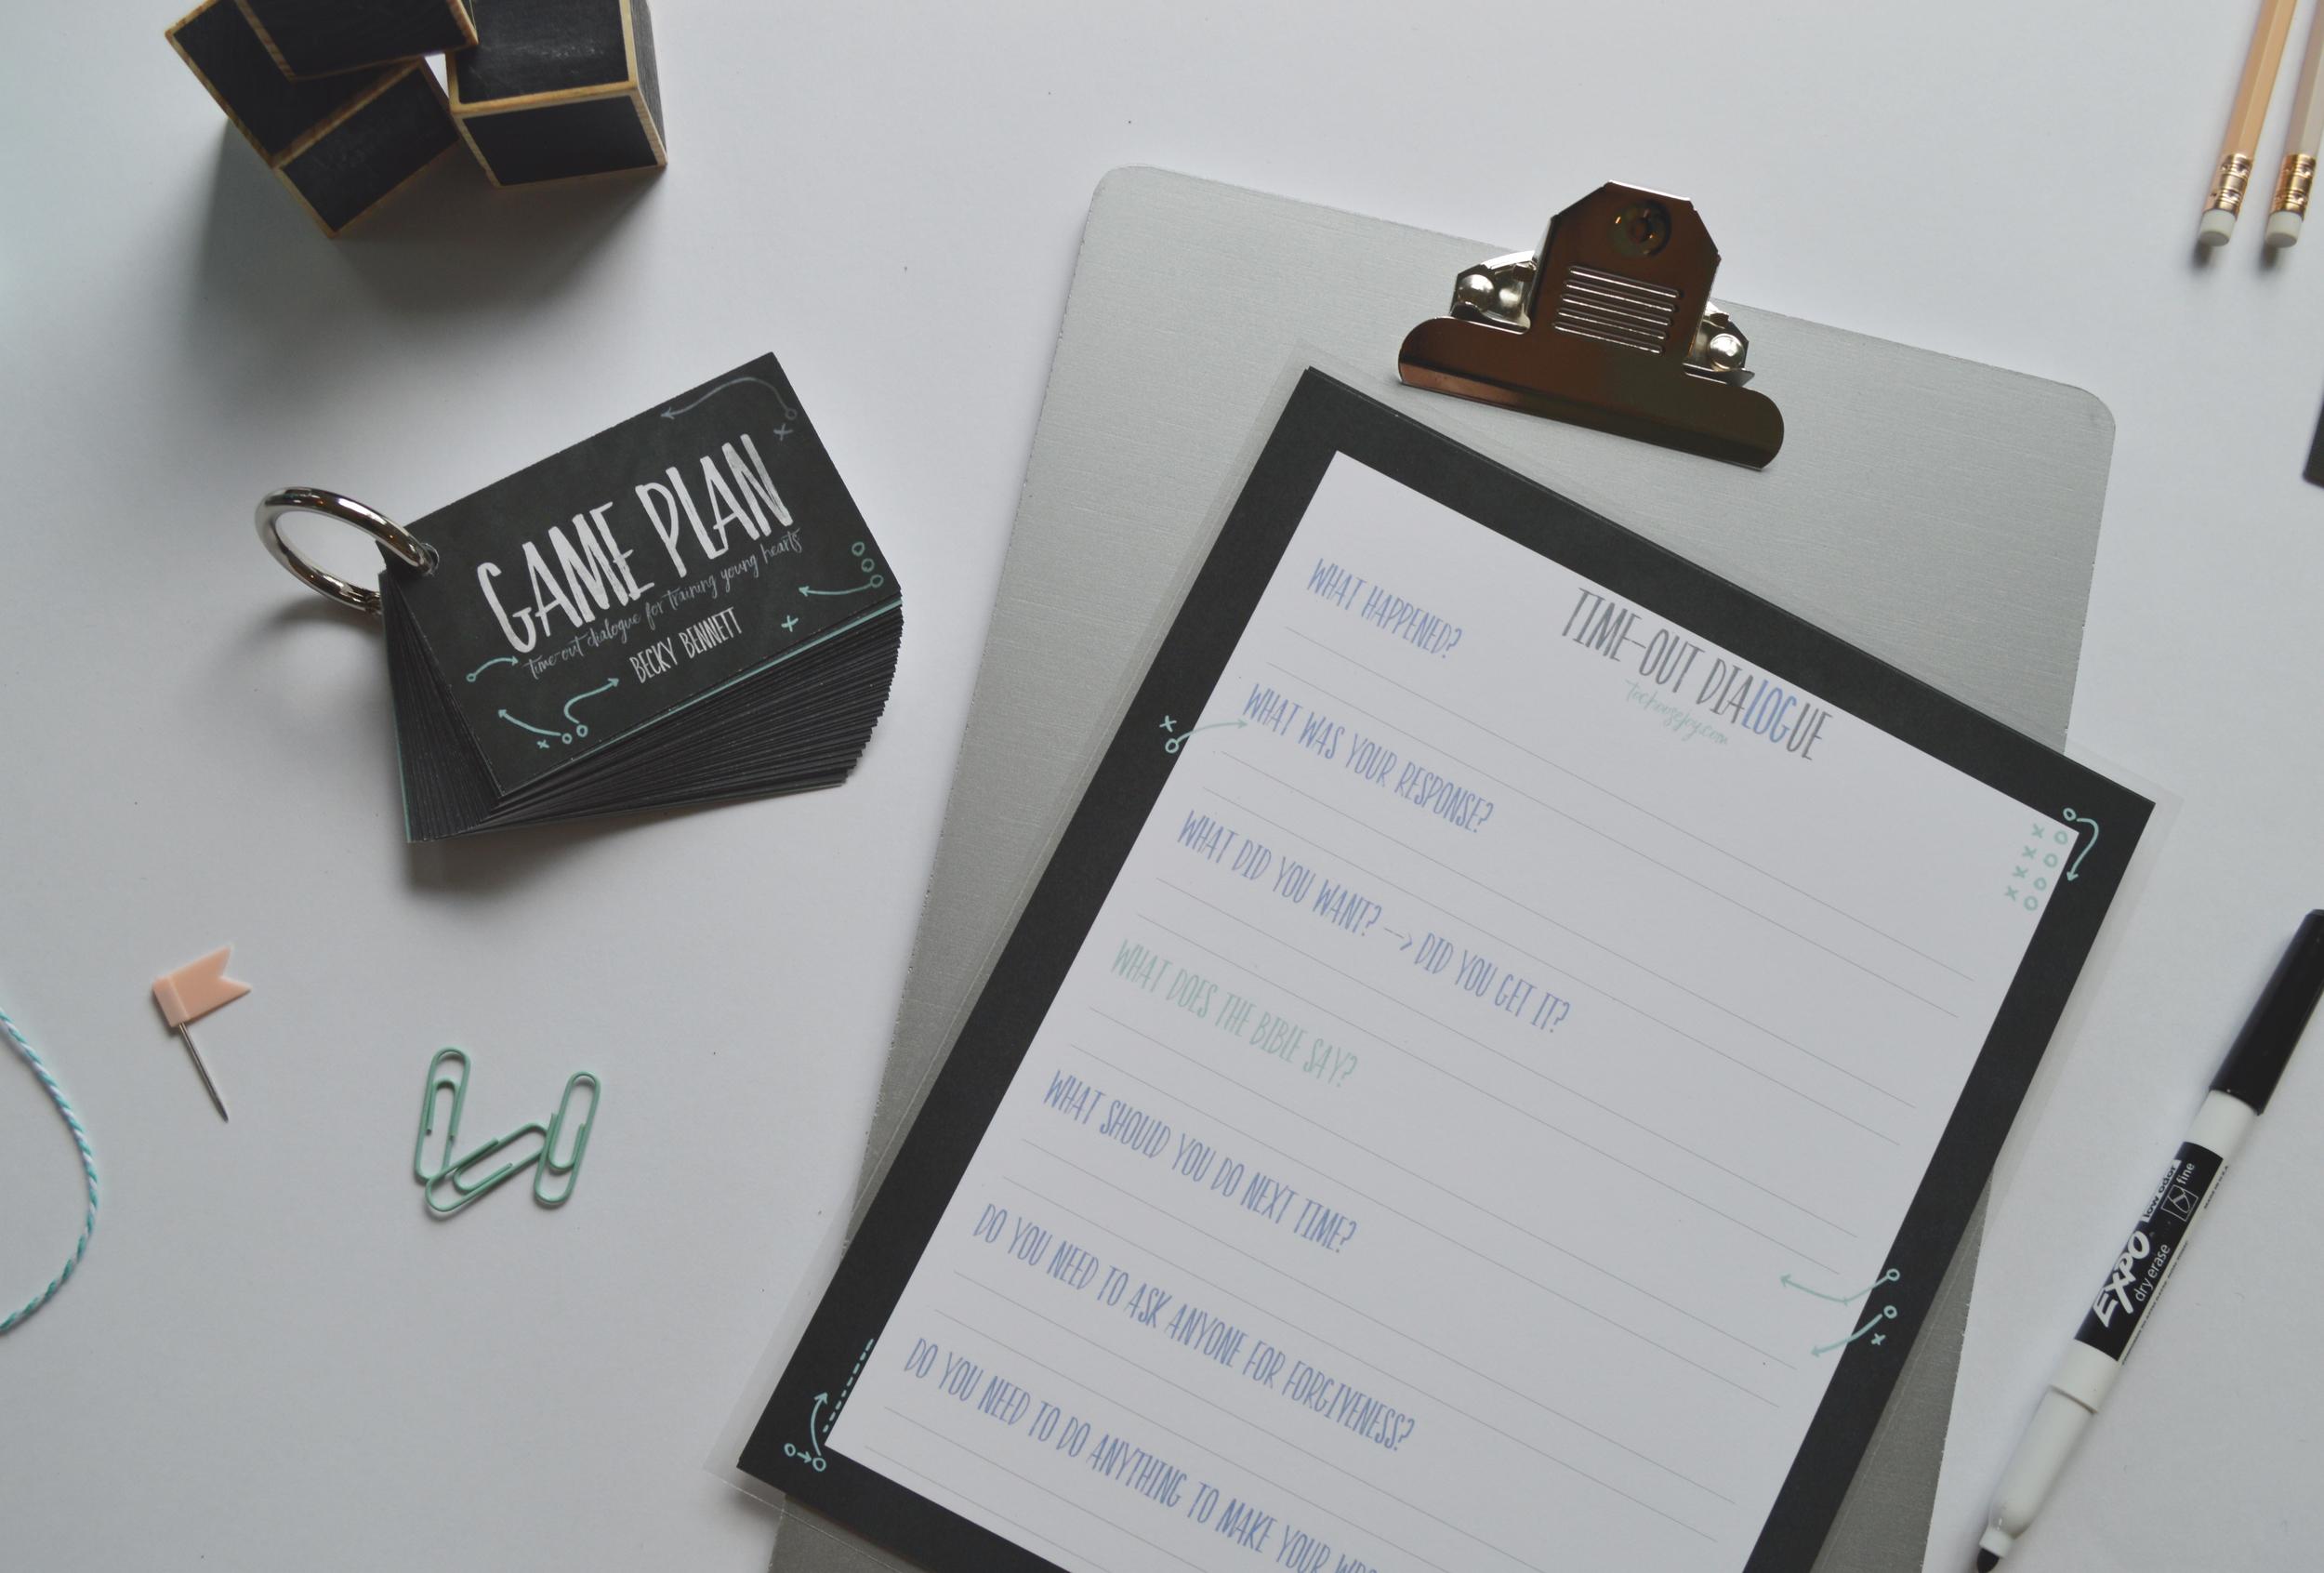 Game Plan_Cards and Dialogue_Becky Bennett.jpg